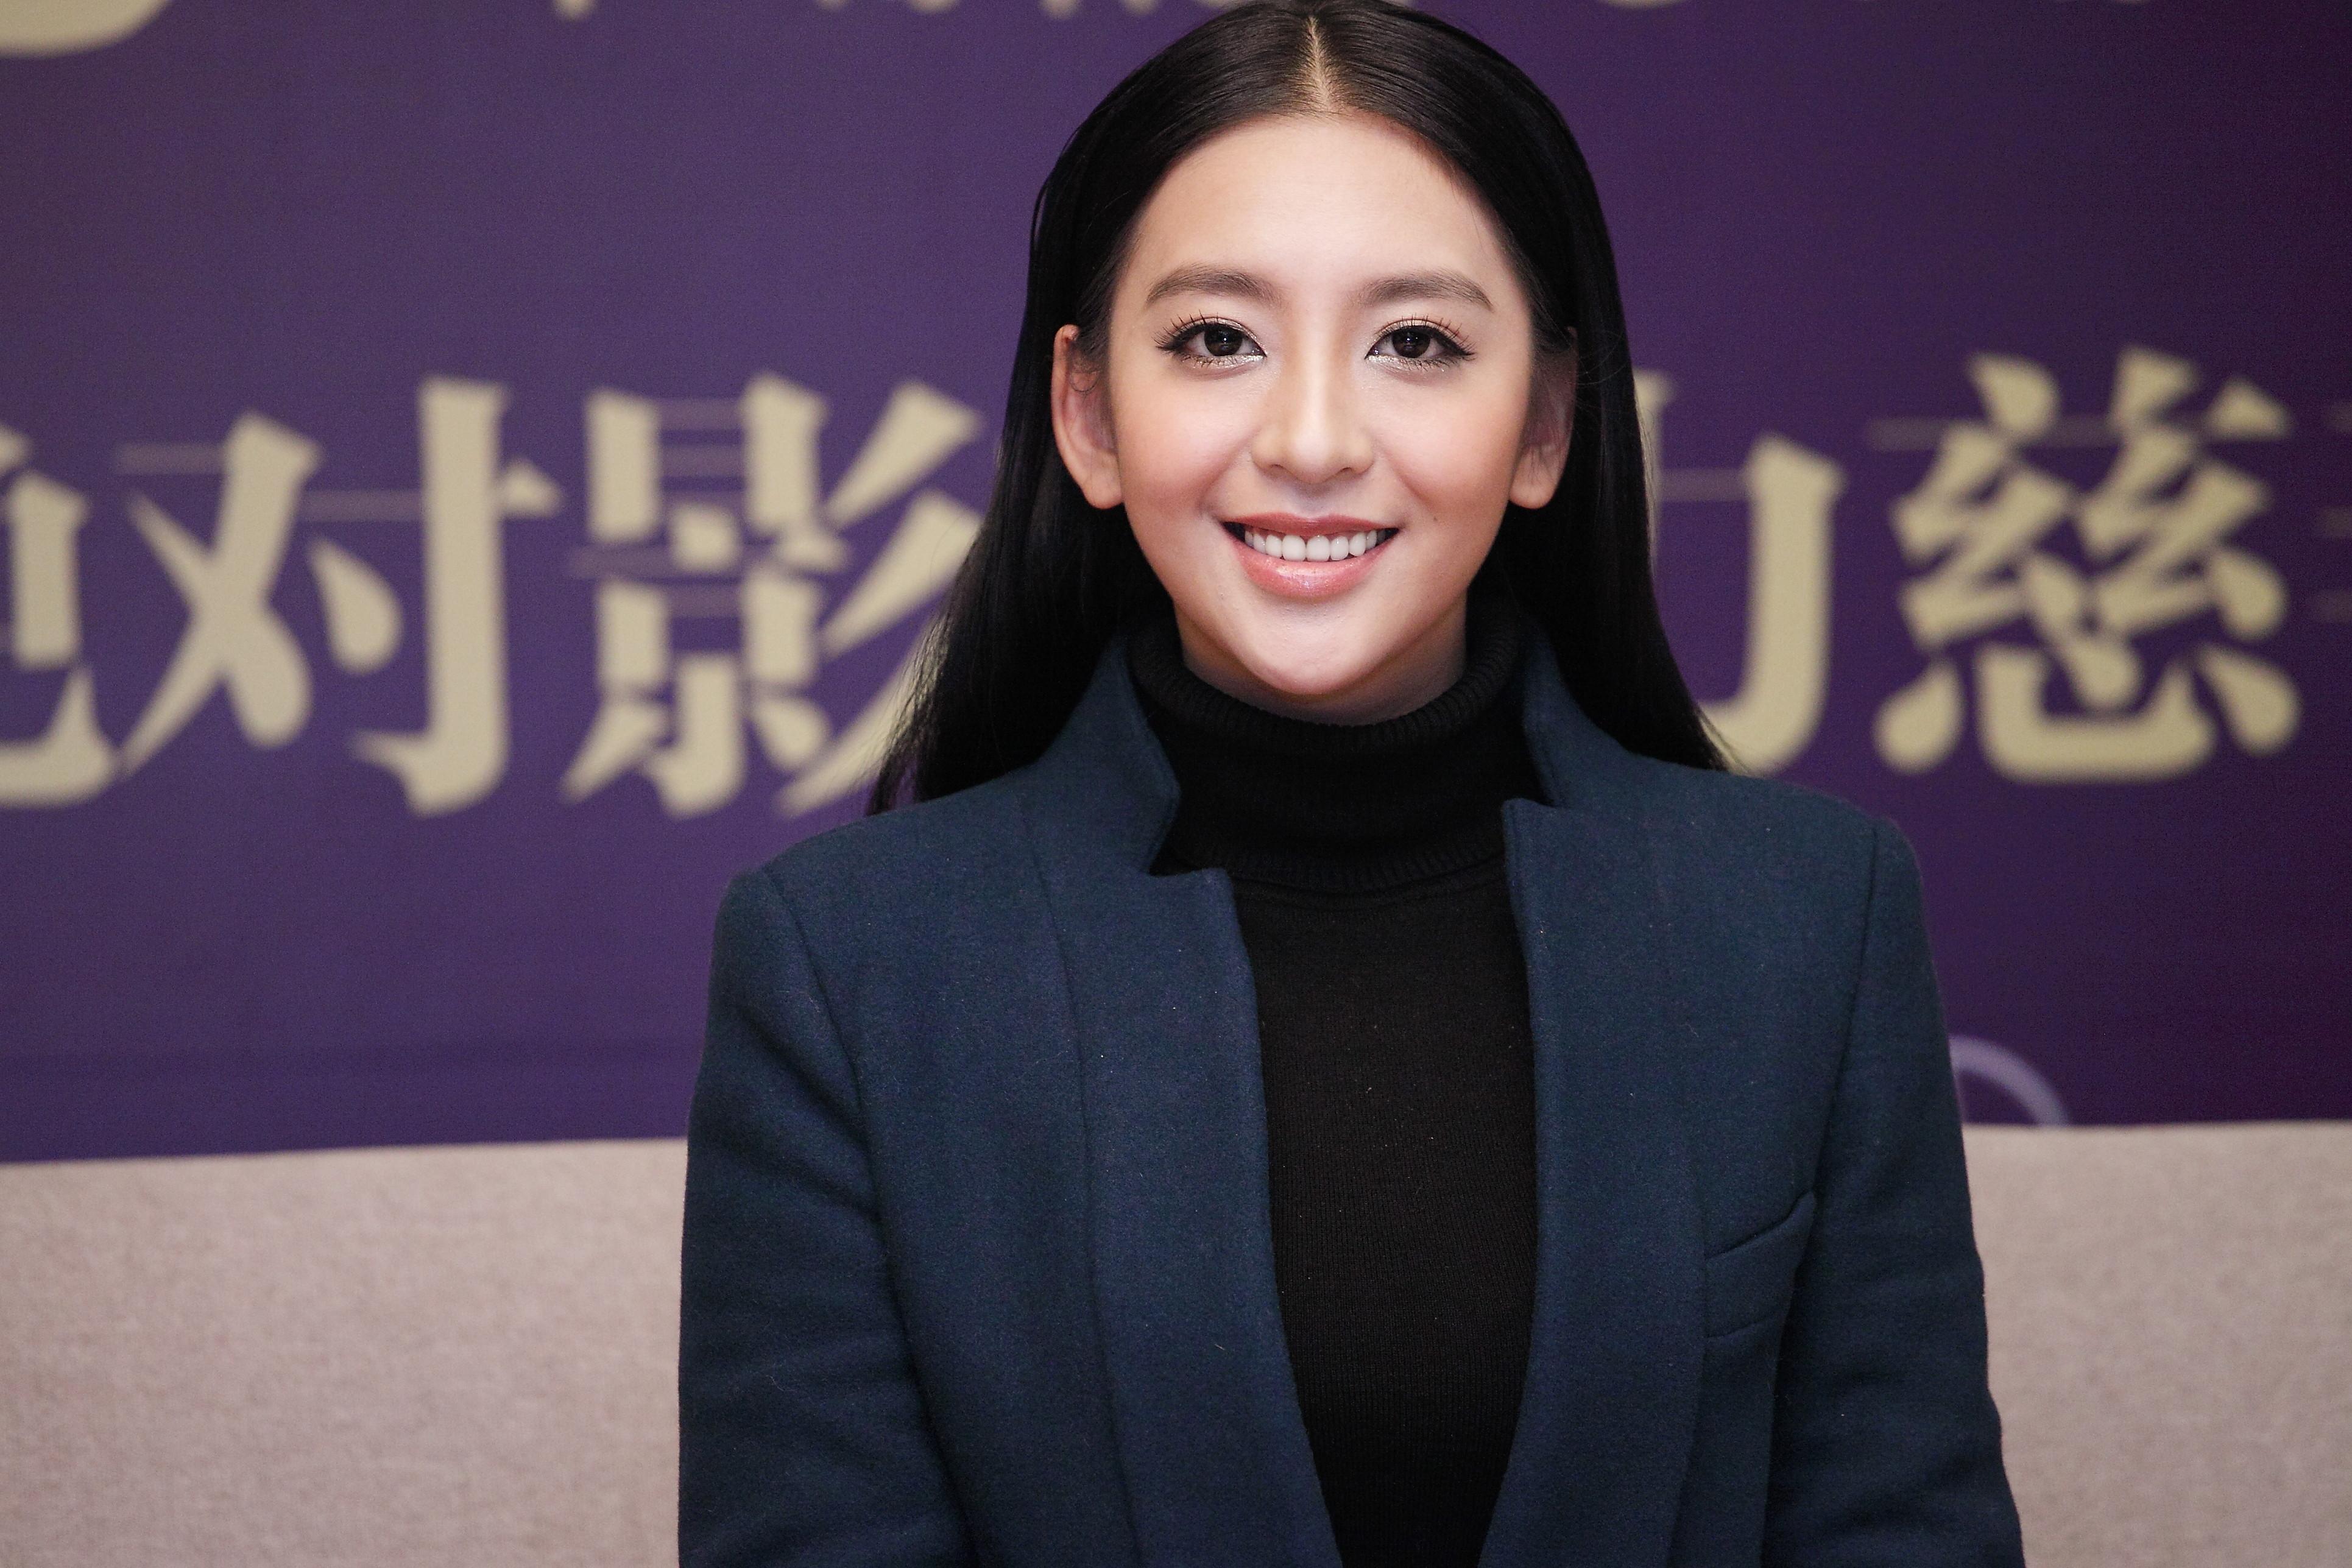 中国第一车模曹阳也出席此次盛典,并接受凤凰网湖北专访.从车